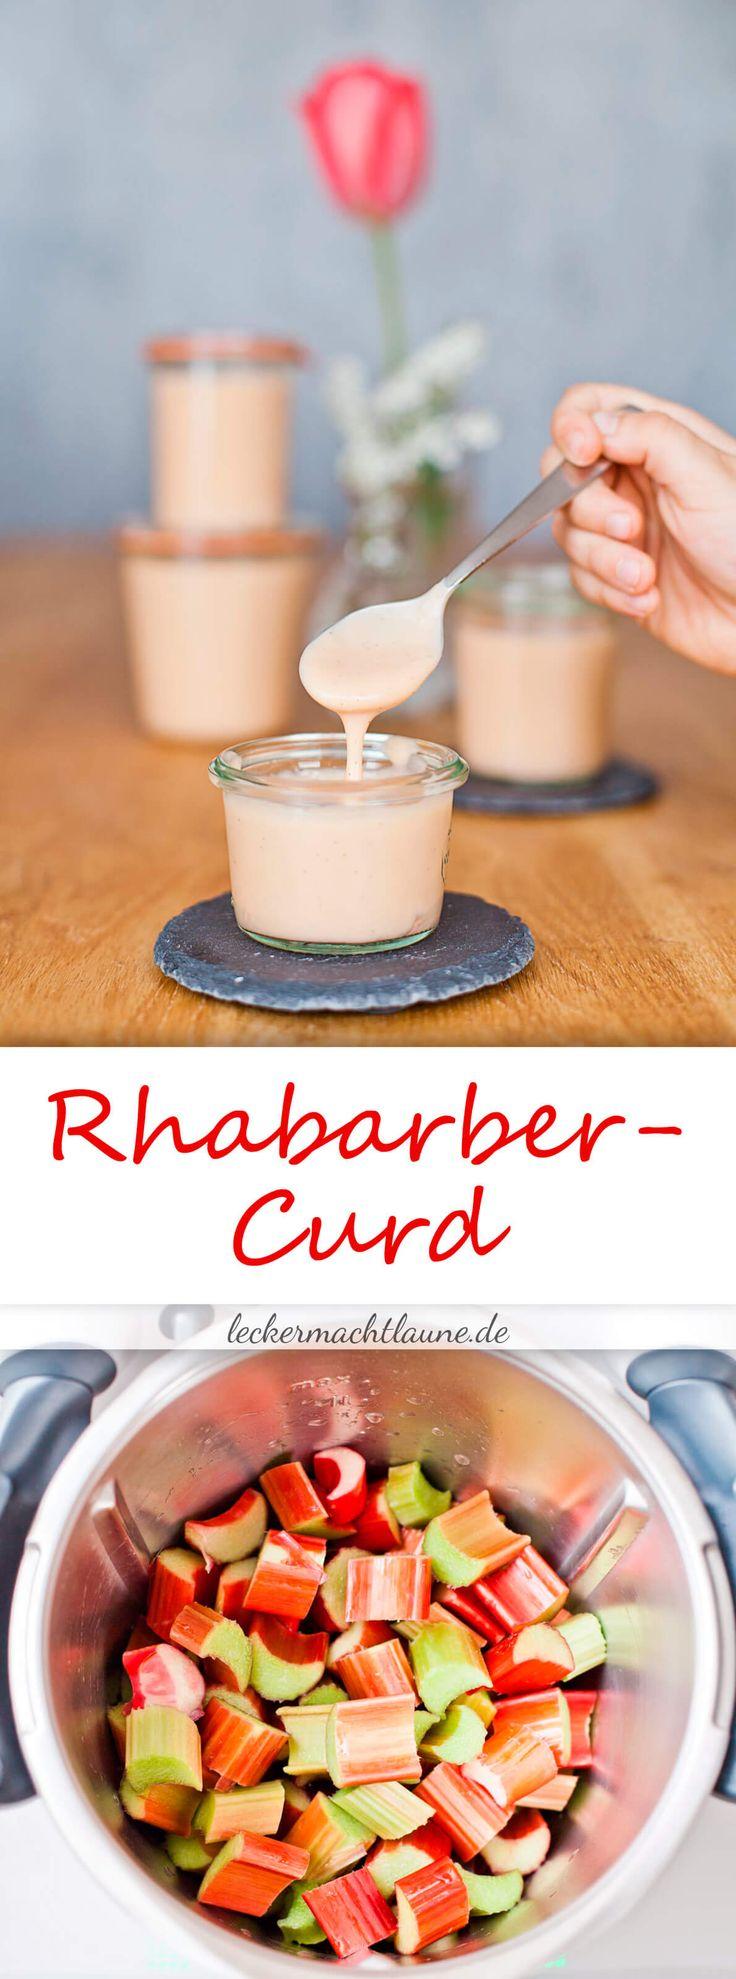 So gegen Ende dieser Rhabarbersaison habe ich ein sehr leckeres Rezept für Rhabarber Curd für Euch. Und das mit und ohne Thermomix®.